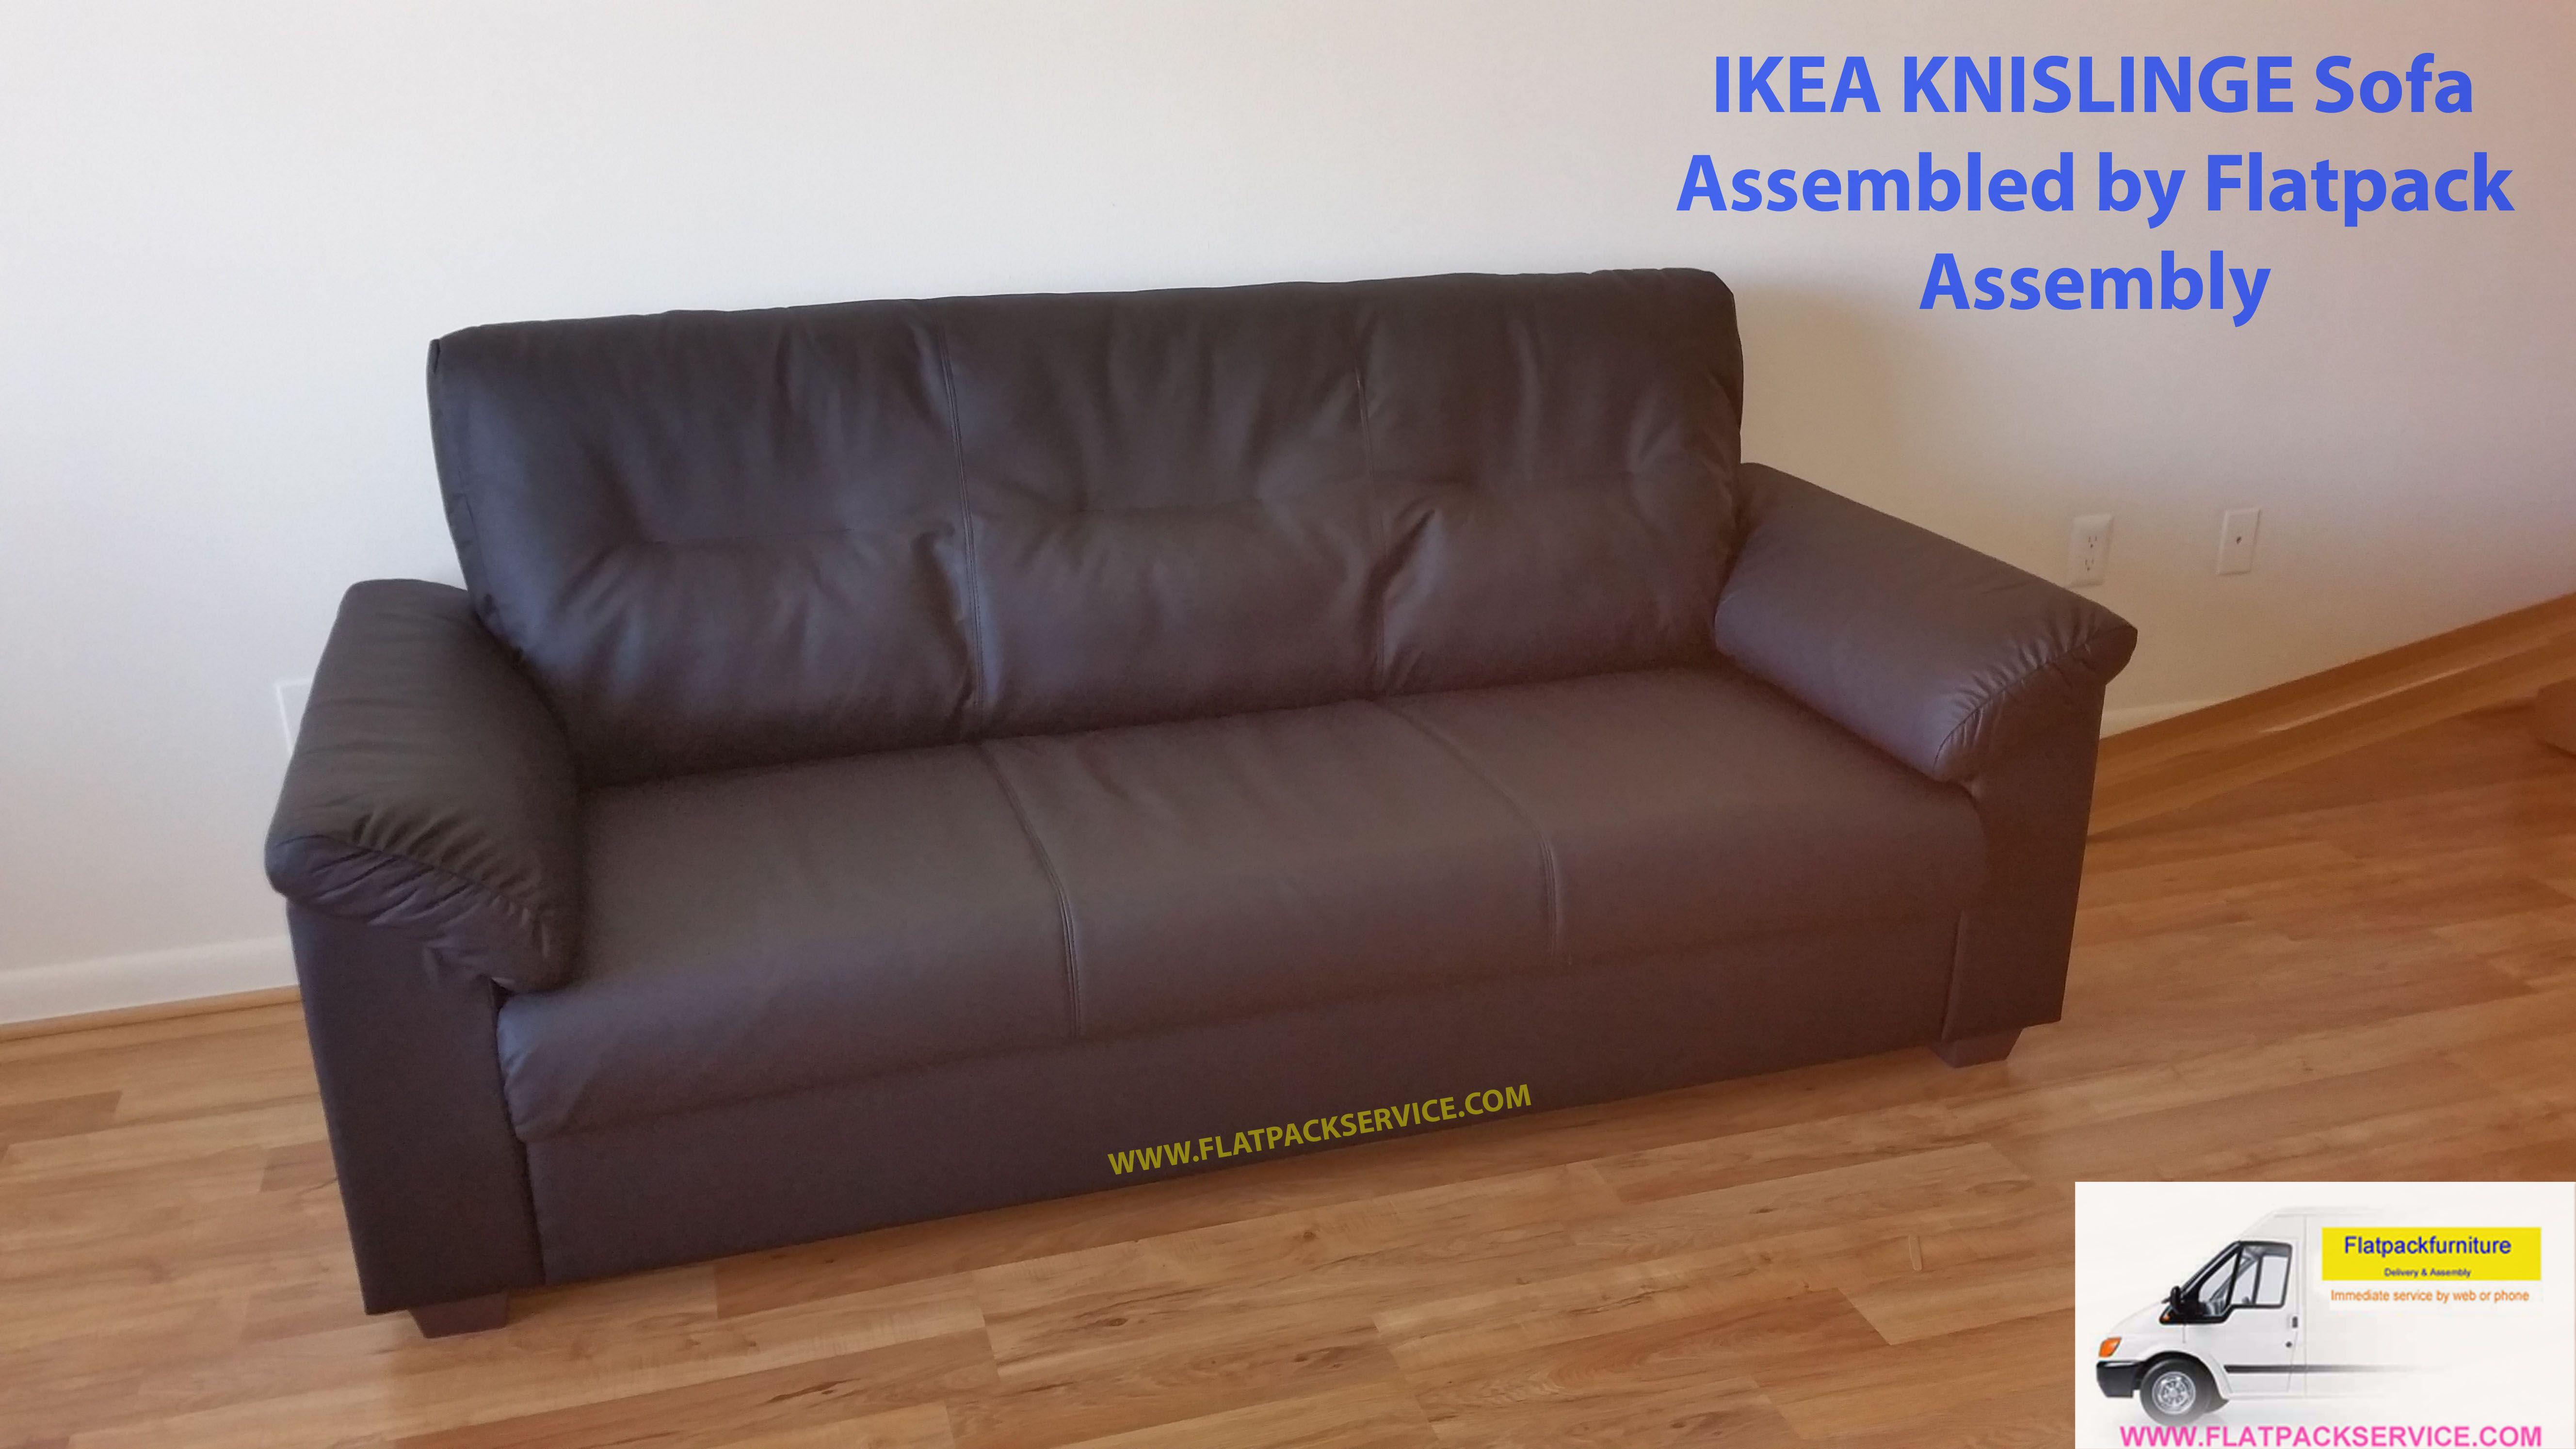 Ikea Sofa Assembly In Washington Dc Arlington Va By Flatpack Assembly 202 277 5911 Ikea Furniture Assembly Ikea Furniture Furniture Assembly